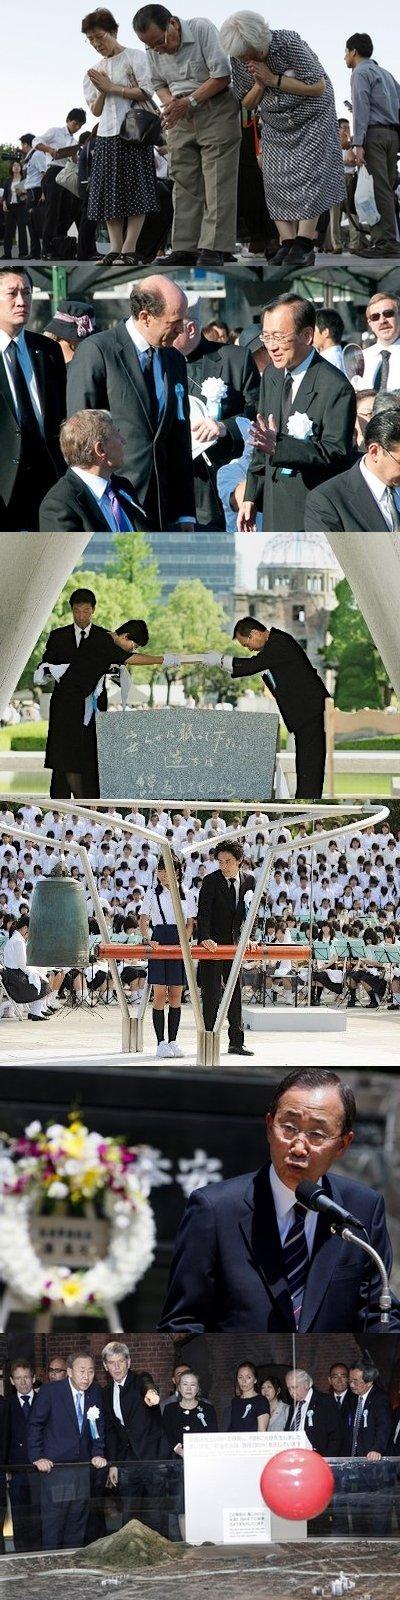 広島平和記念式典_z